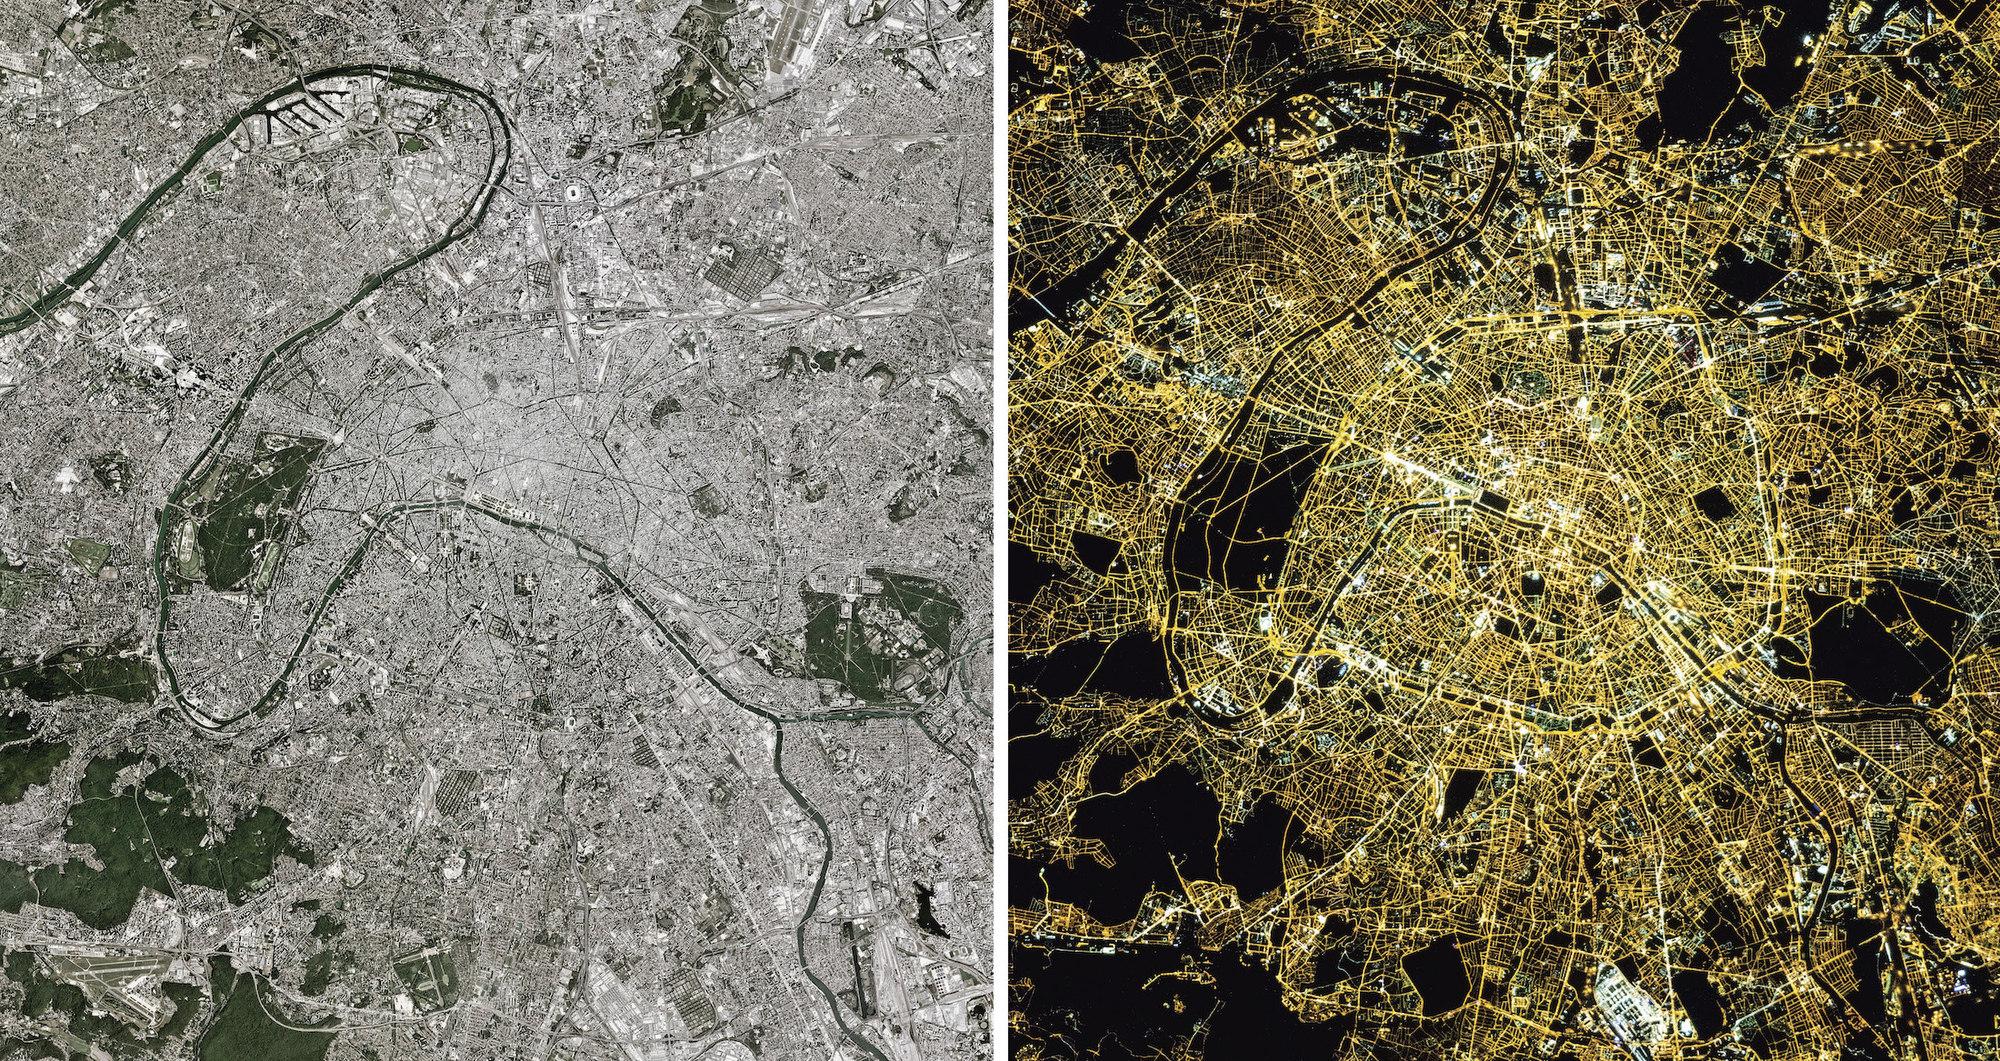 Galeria de Como impactamos o planeta? Transformações na Terra pela ação  humana vistas de cima - 7